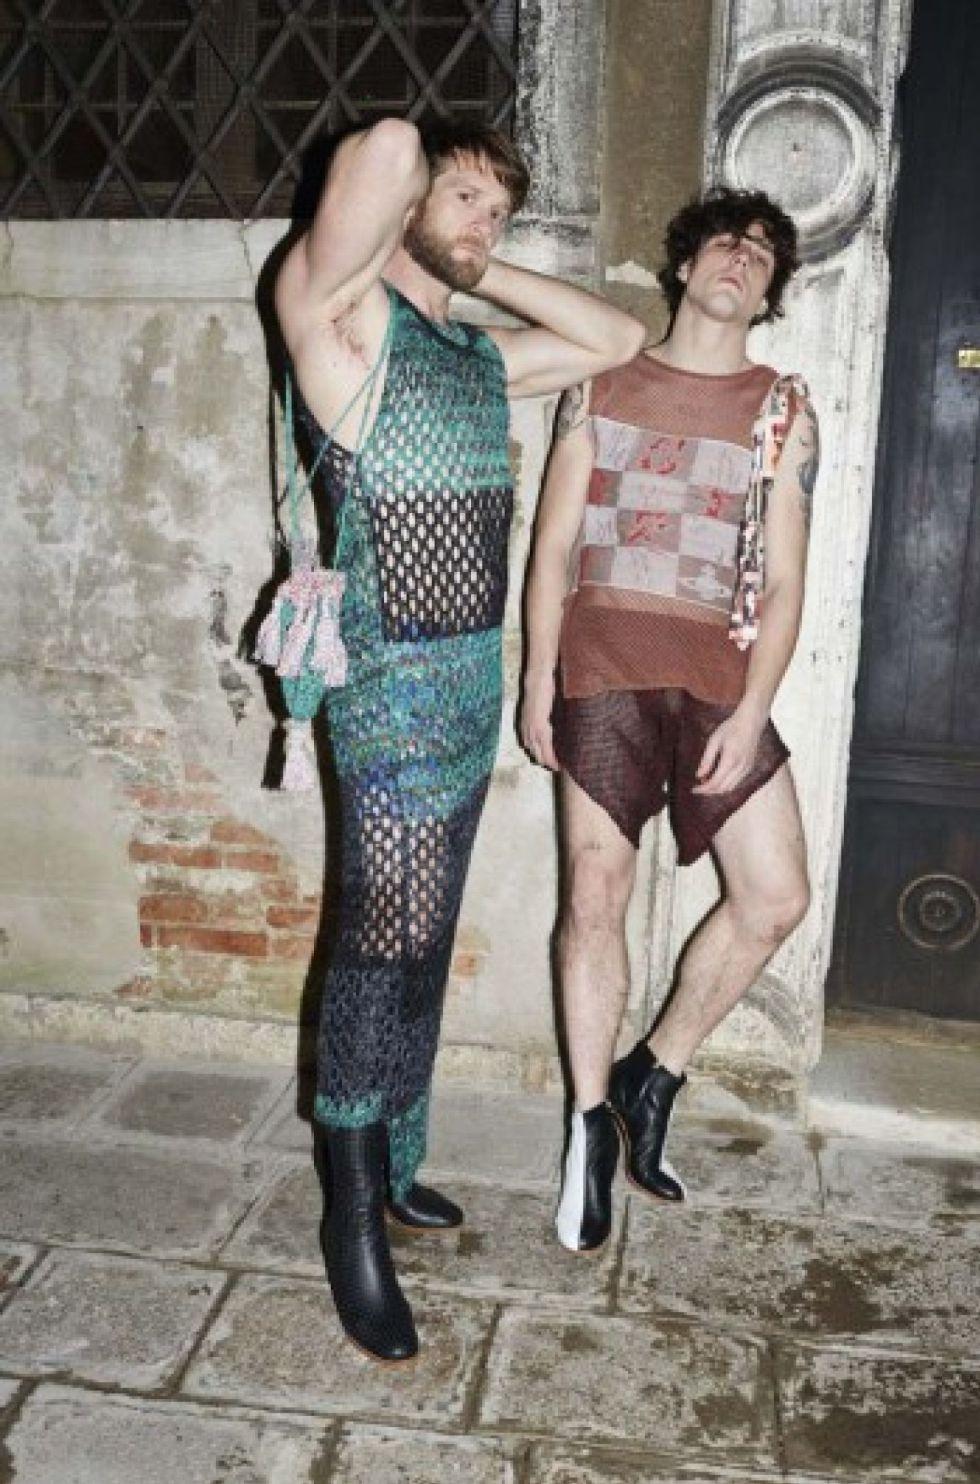 La inspiración yonqui de Gucci y el olimpo porno de Vivienne Westwood